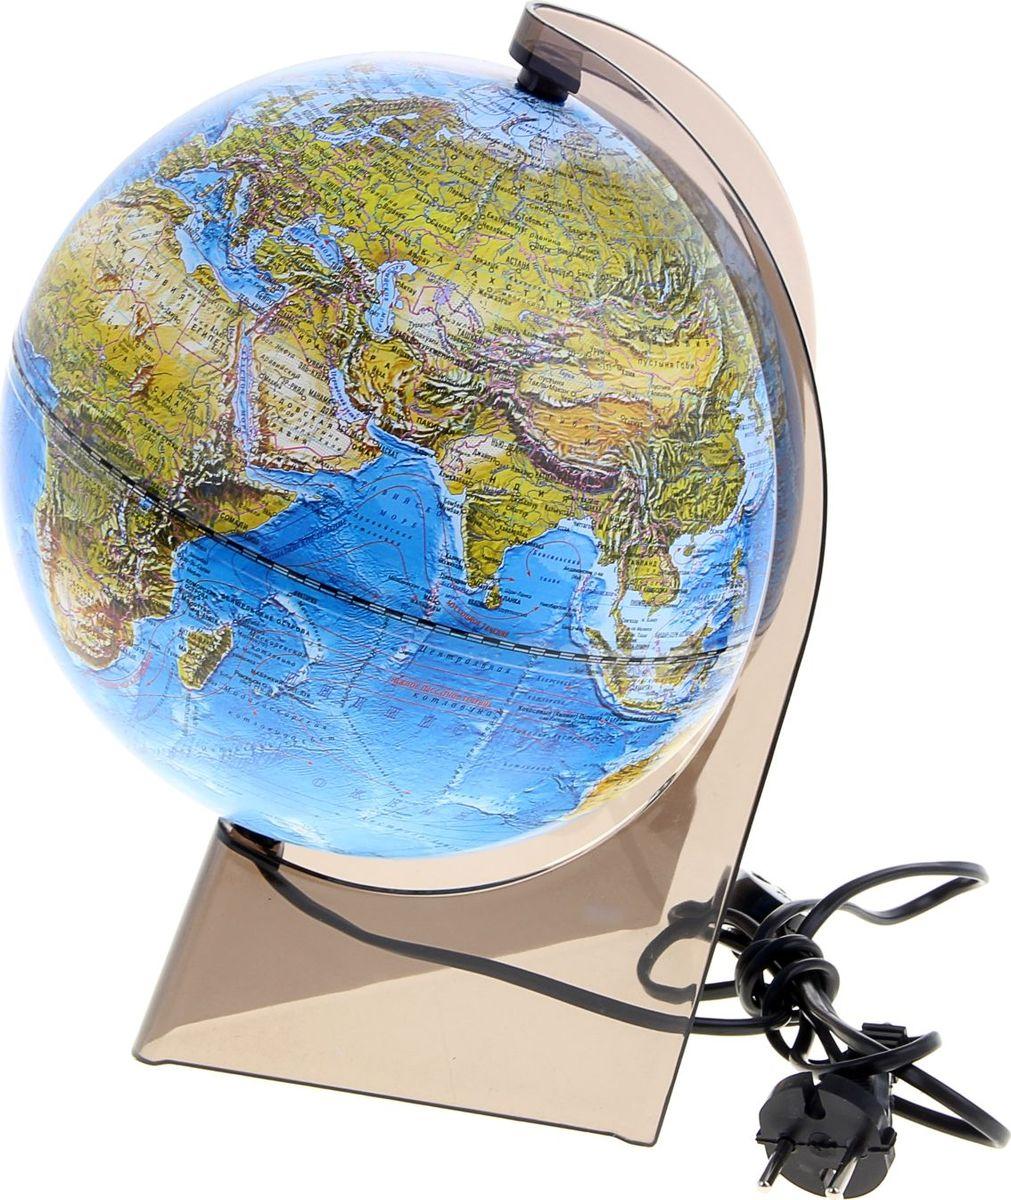 Глобусный мир Глобус ландшафтный с подсветкой диаметр 21 см1077867Глобус для всех, глобус каждому!Глобус — самый простой способ привить ребенку любовь к географии. Он является отличным наглядным примером, который способен в игровой доступной и понятной форме объяснить понятия о планете Земля.Также интерес к глобусам проявляют не только детки, но и взрослые. Для многих уменьшенная копия планеты заменяет атлас мира из-за своей доступности и универсальности.Умный подарок! Кому принято дарить глобусы? Всем! Глобус ландшафтный диаметр 210 мм, на треугольной подставке, с подсветкой — это уменьшенная копия земного шара, в которой каждый найдет для себя что-то свое.путешественники и заядлые туристы смогут отмечать с помощью стикеров те места, в которых побывали или собираются их посетитьделовые и успешные люди оценят такой подарок по достоинству, потому что глобус ассоциируется со статусом и властьюпреподаватели, ученые, студенты или просто неординарные личности также найдут для глобуса достойное место в своем доме.Итак, спешите заказать настольные глобусы в нашем интернет-магазине по привлекательным ценам, и помните, кто владеет глобусом, тот владеет миром!